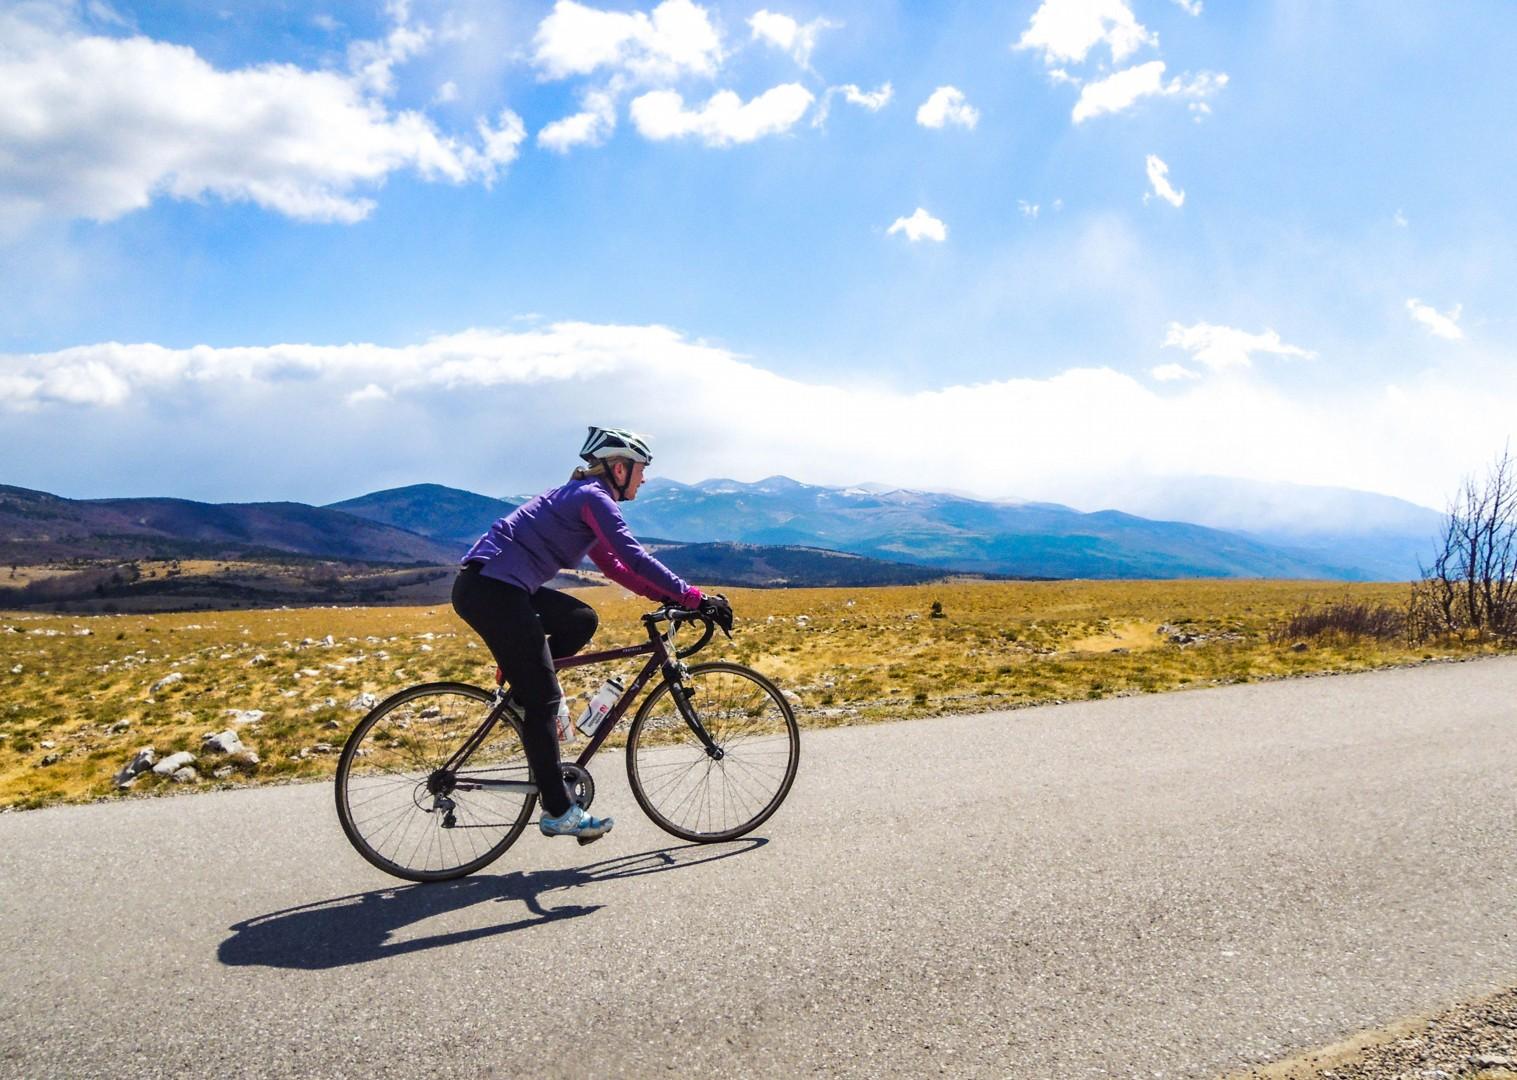 guided-road-cycling-holiday-slovenia-and-croatia-saddle-skedaddle.jpg - Slovenia & Croatia - Julian Alps & Istria - Guided Road Cycling Holiday - Road Cycling